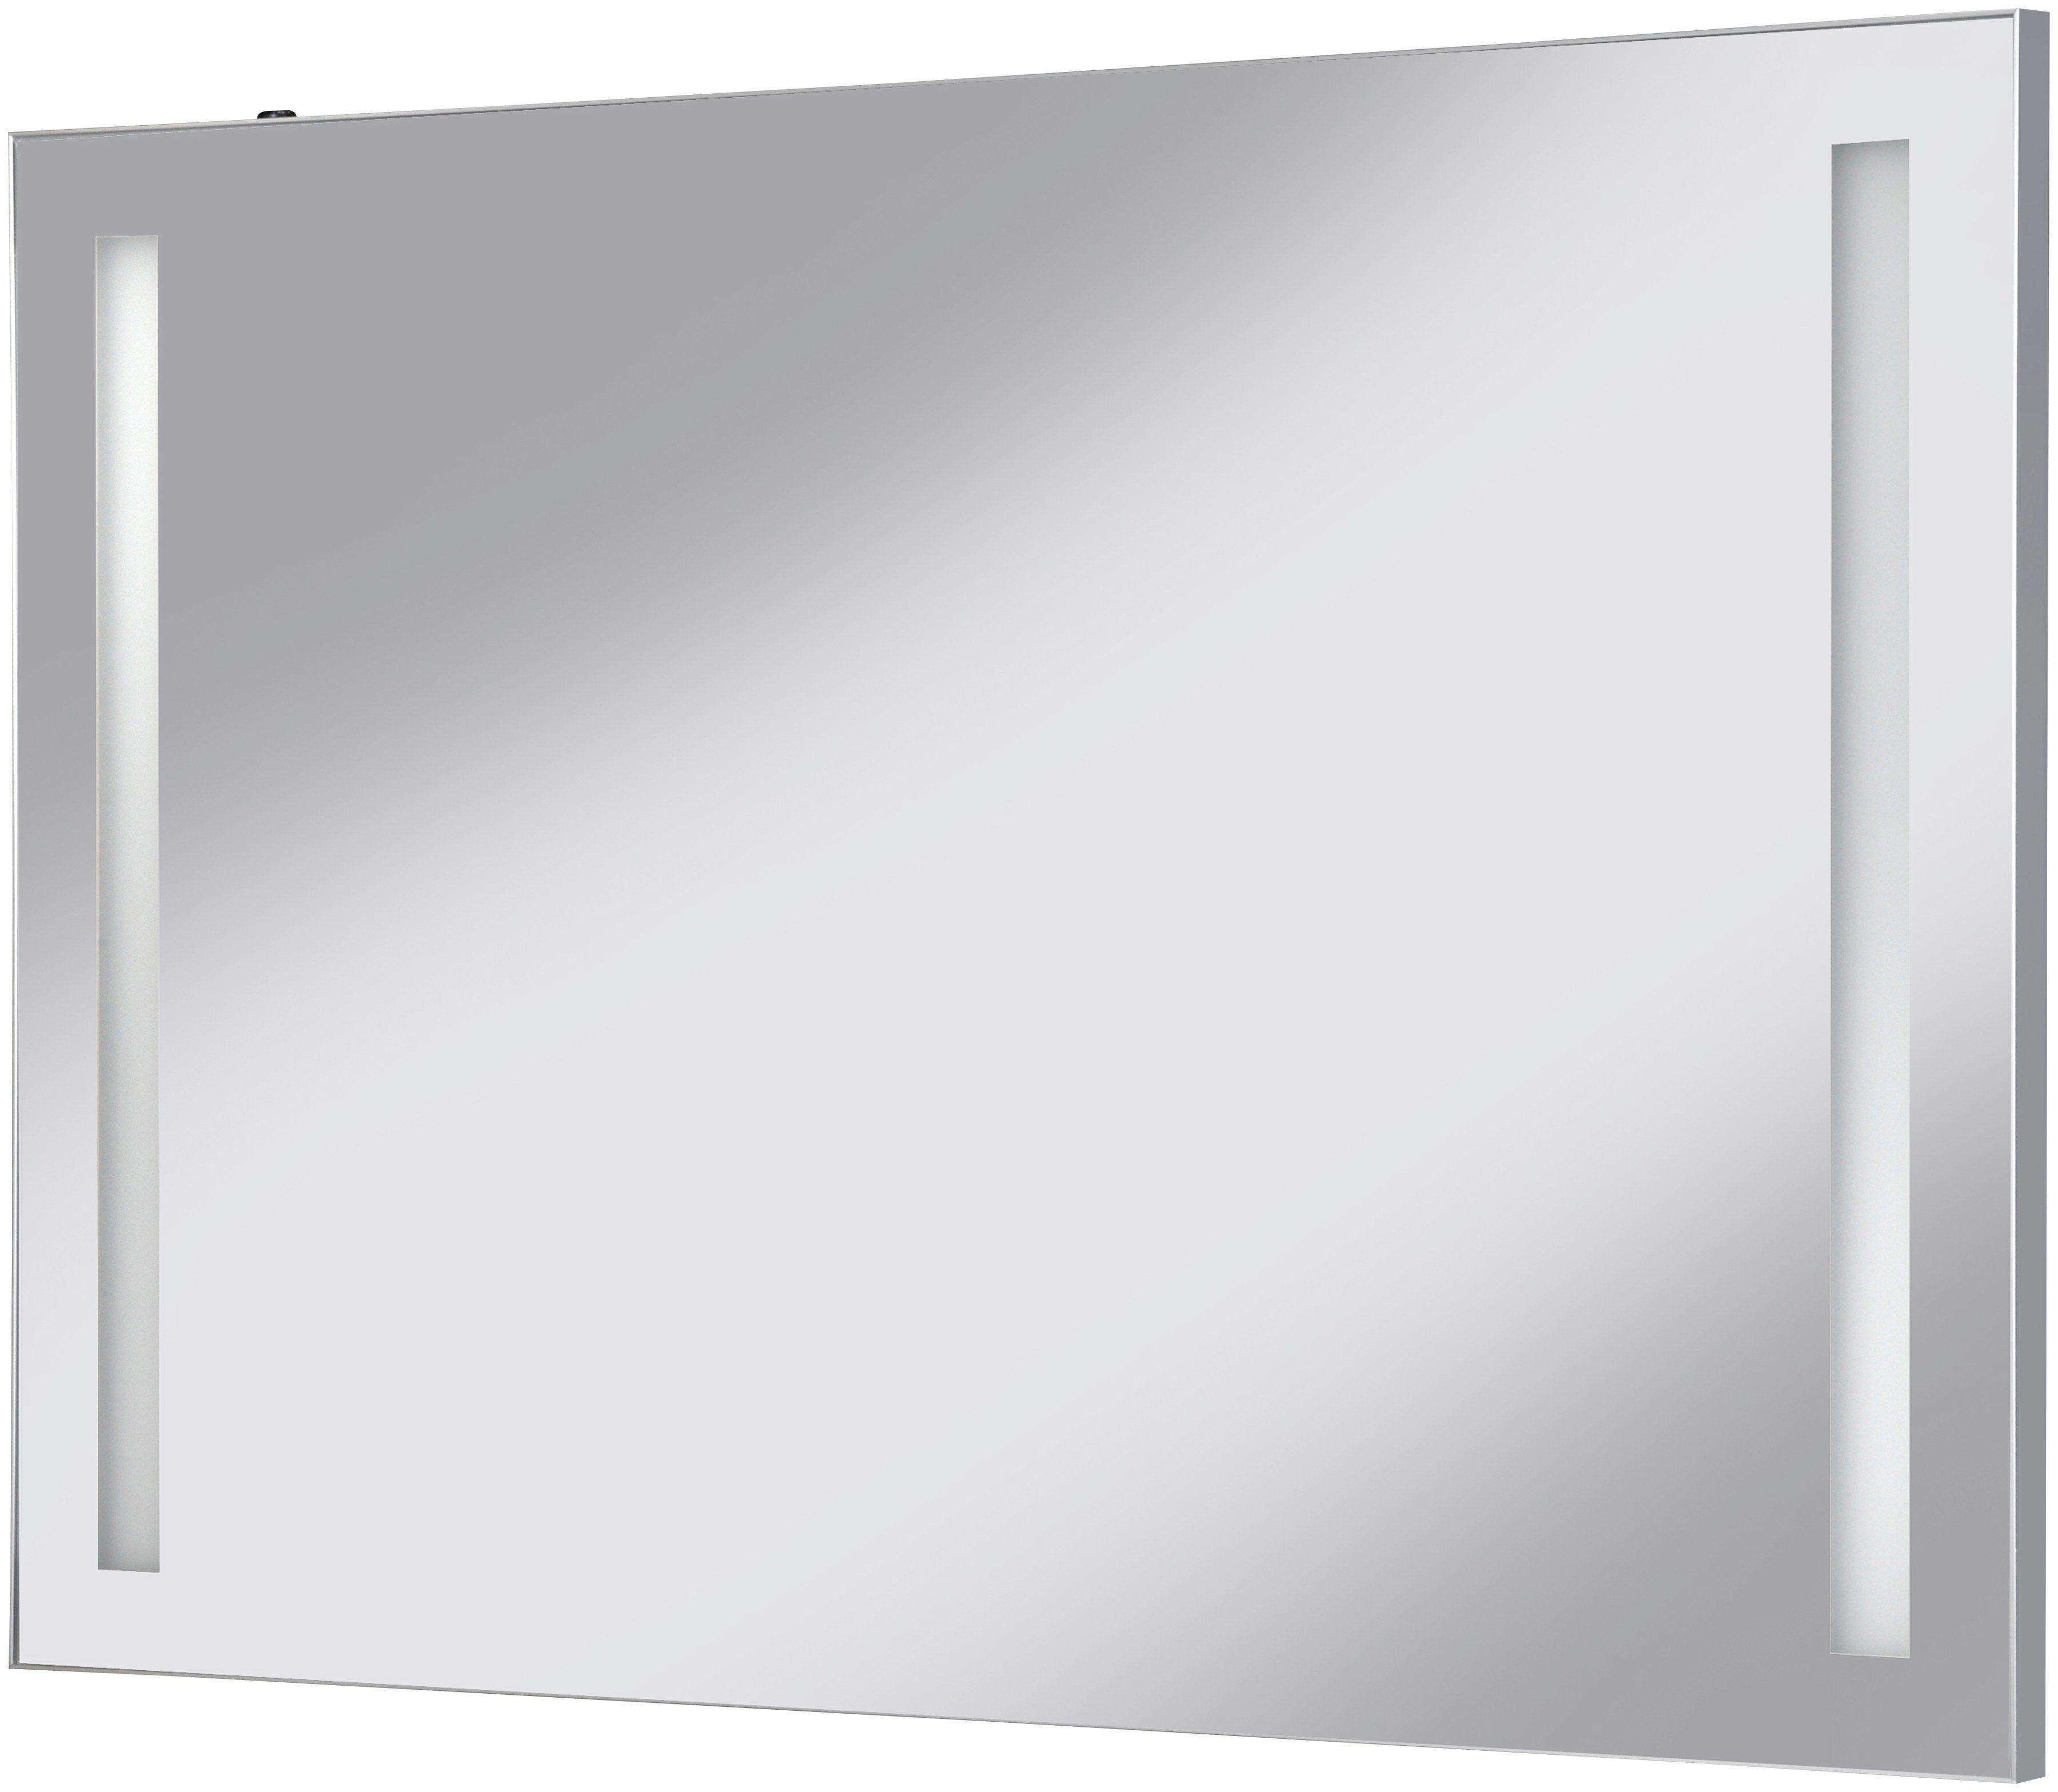 Schildmeyer Spiegel / Badspiegel »Merle«, Breite 100 cm